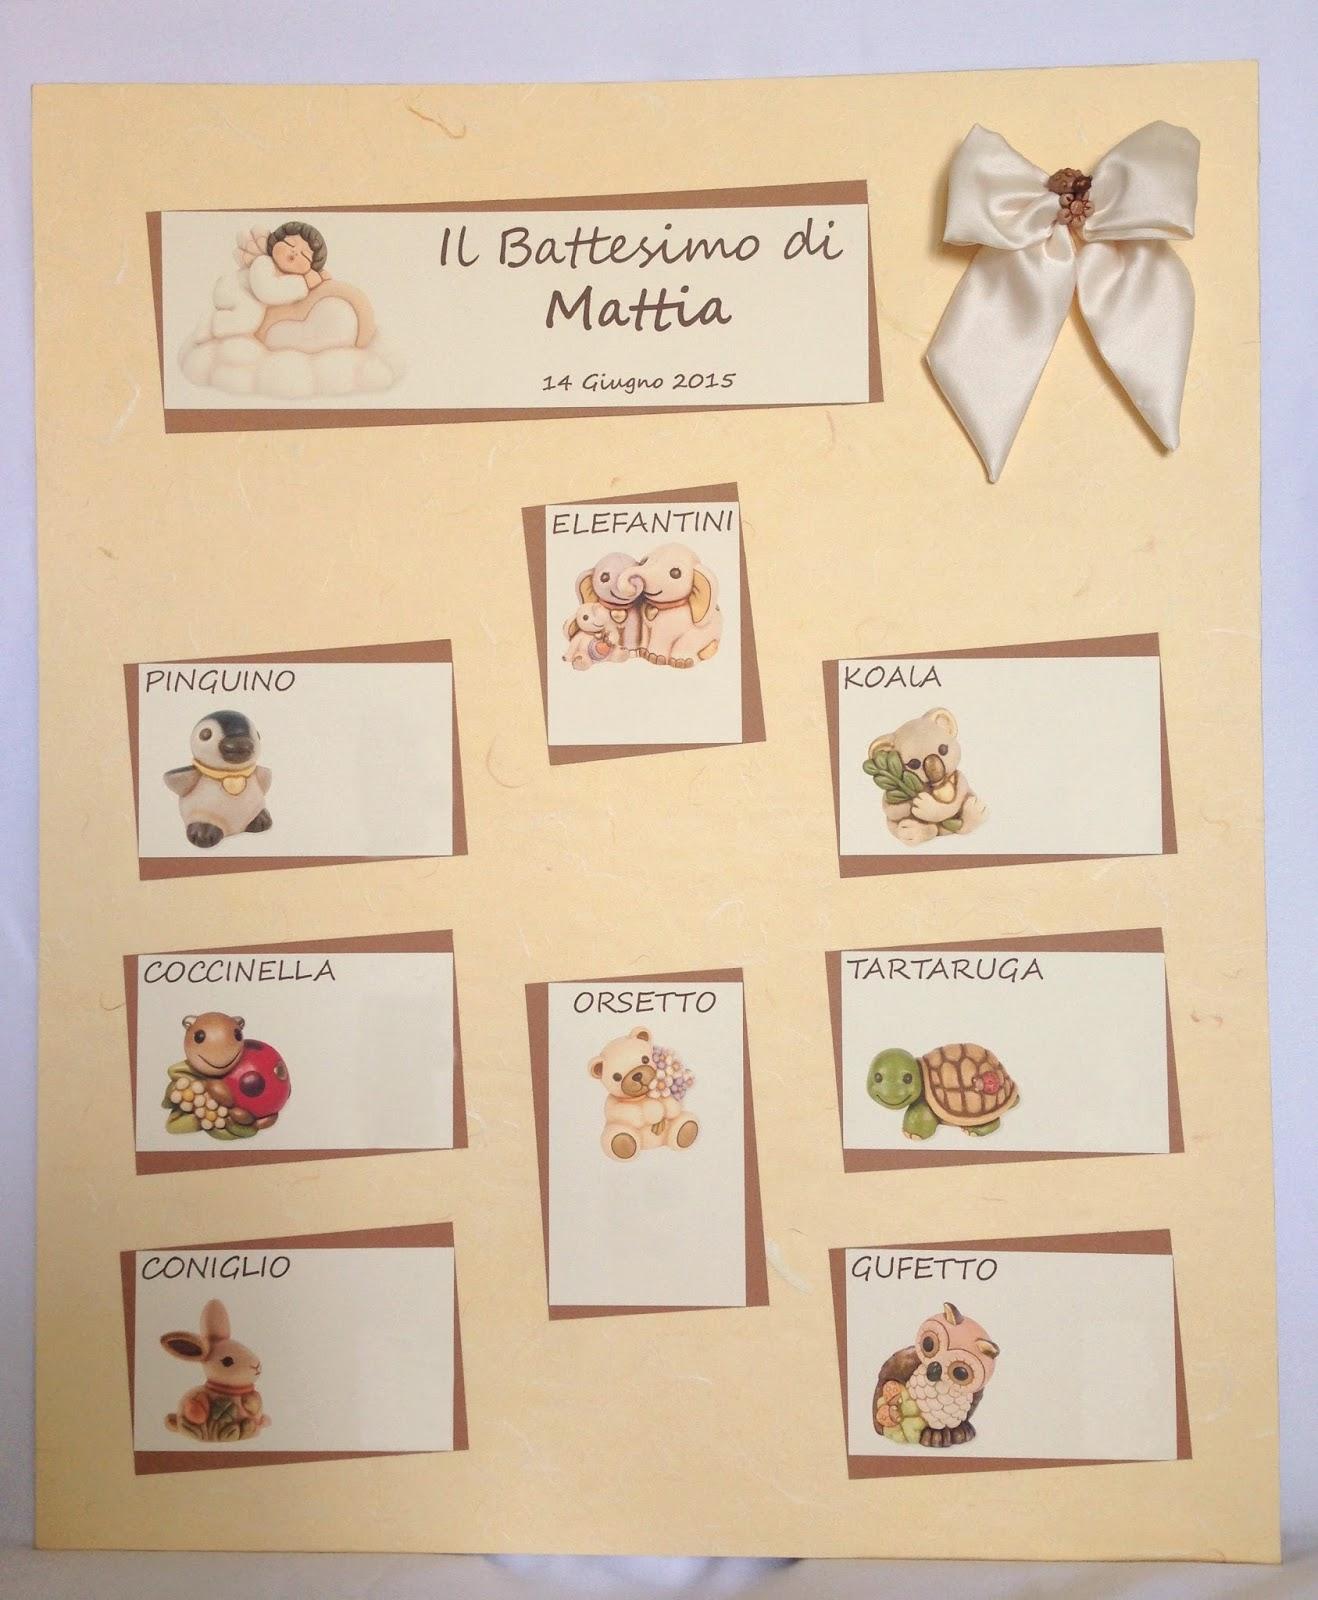 Popolare Il meraviglioso mondo del Fimo e altro ancora!: Tableau battesimo DO22